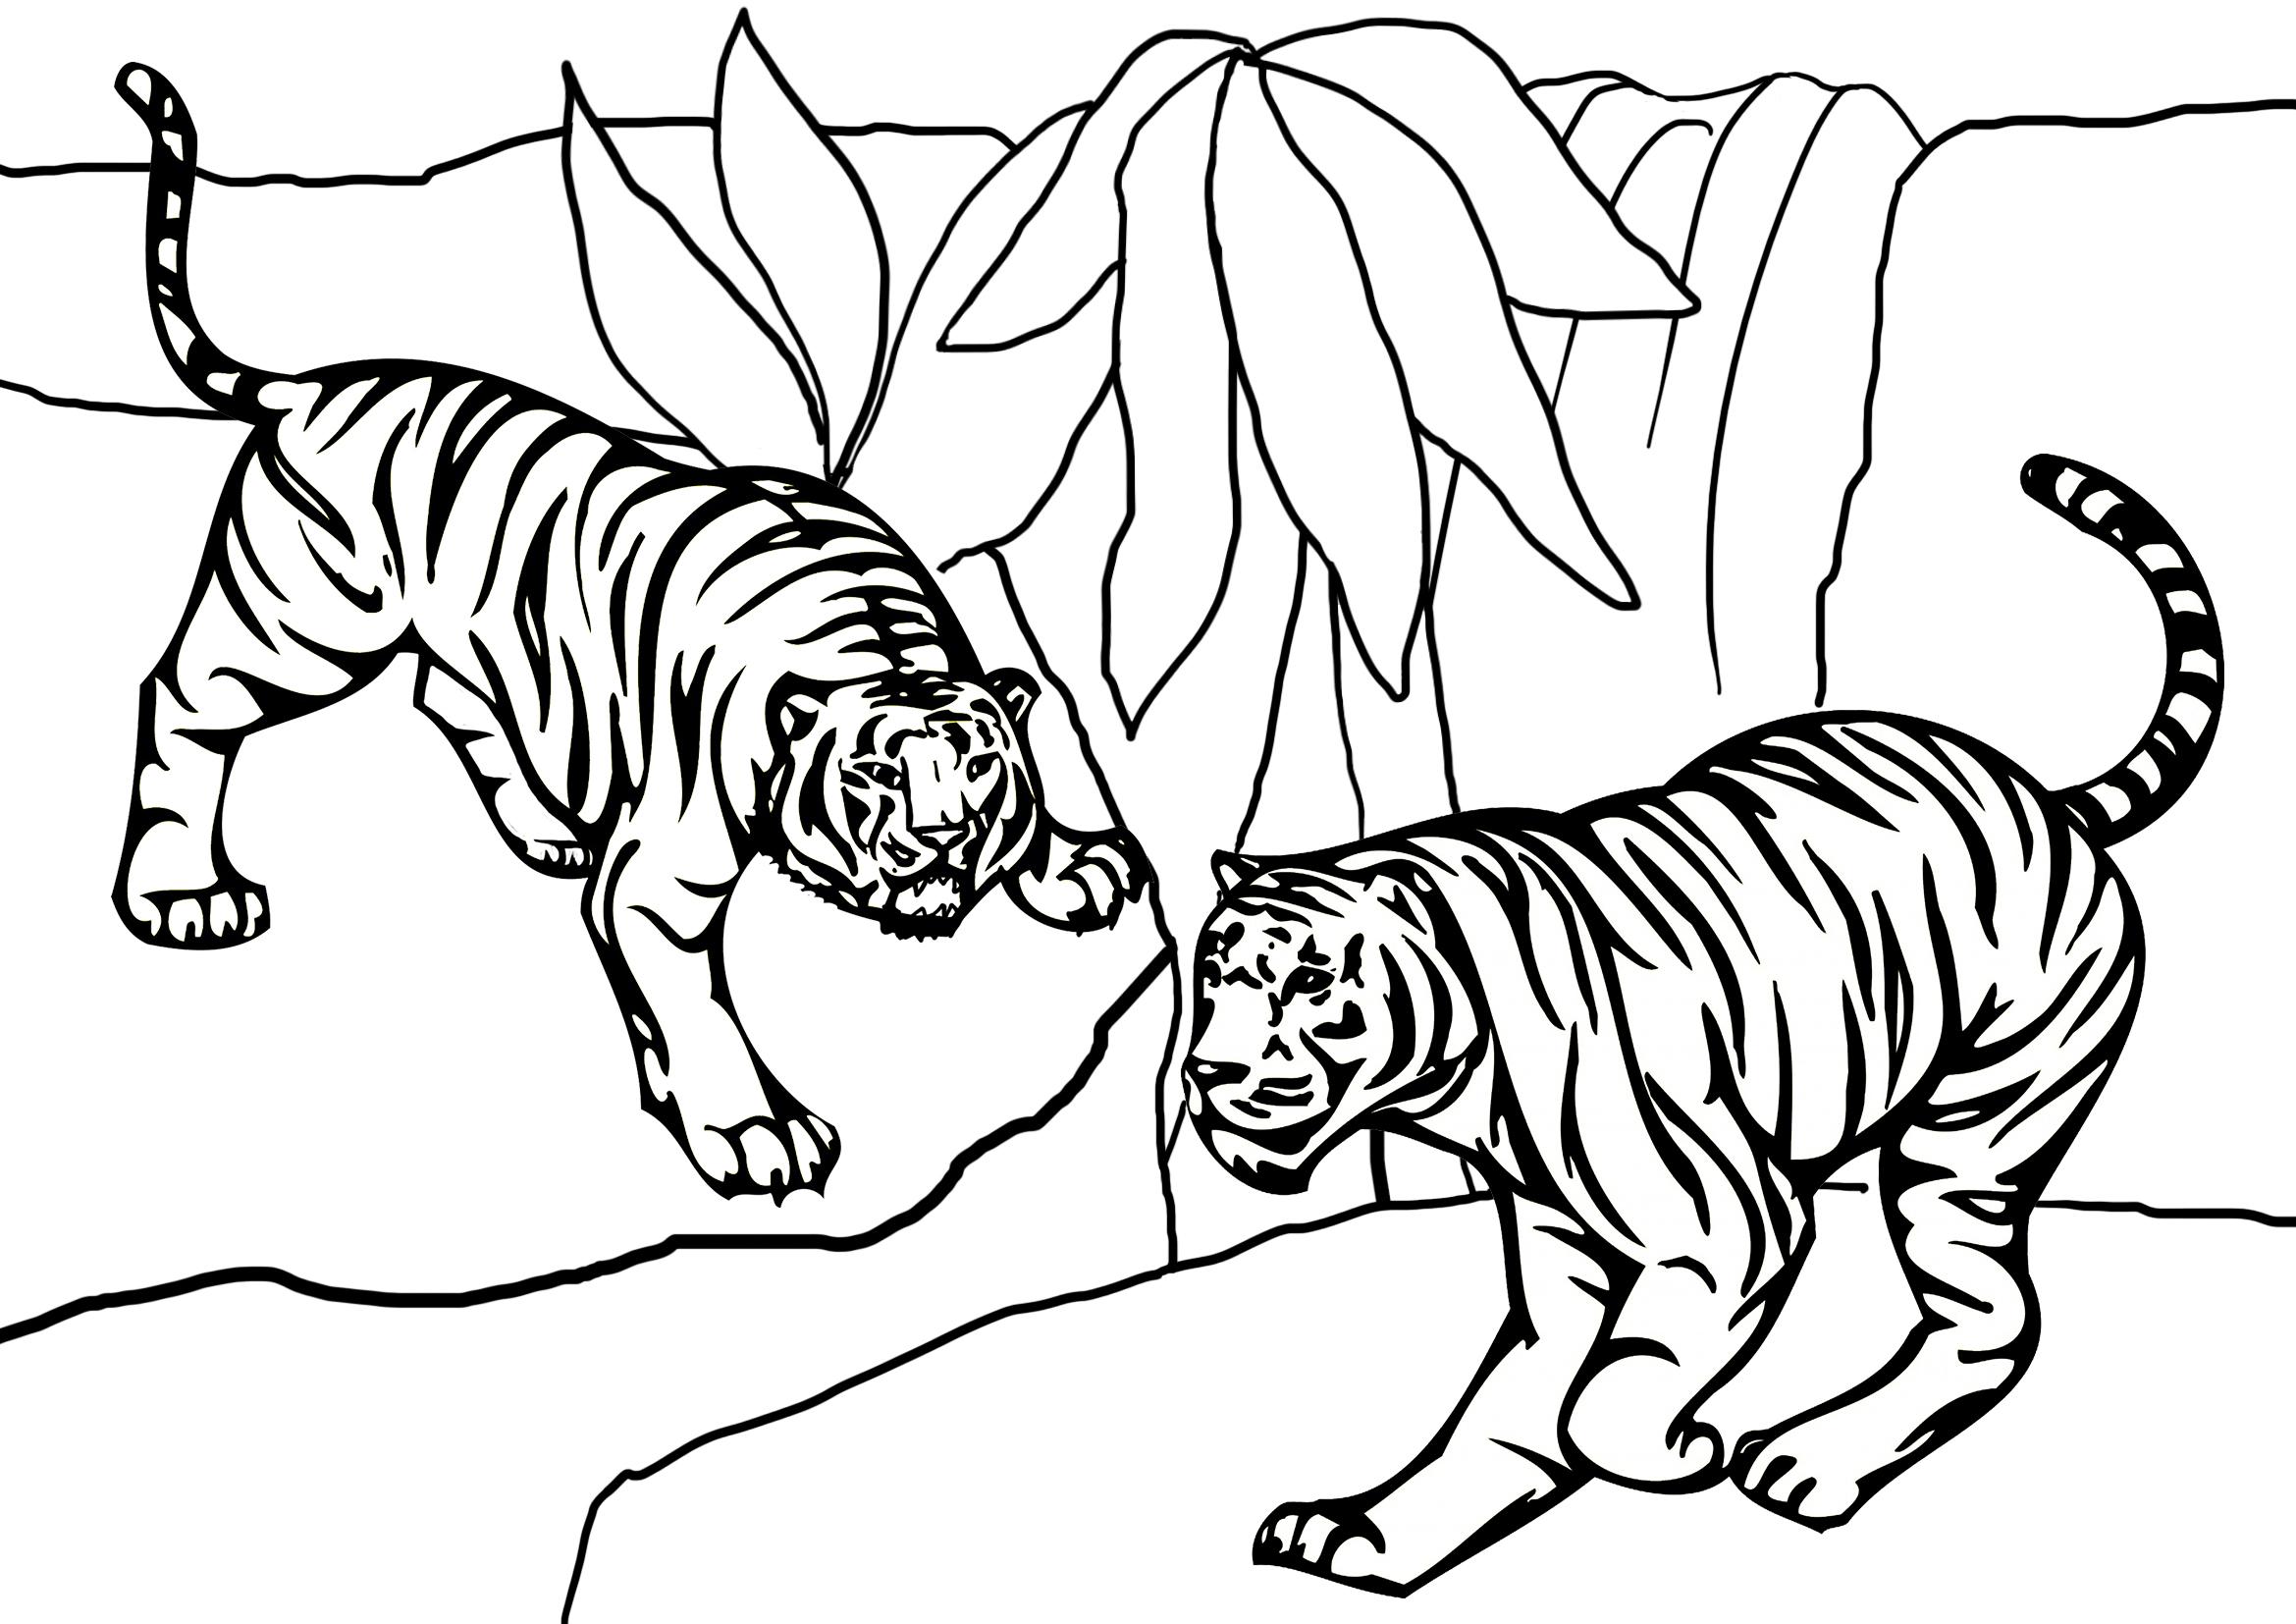 Tranh tô màu con hổ cực đẹp